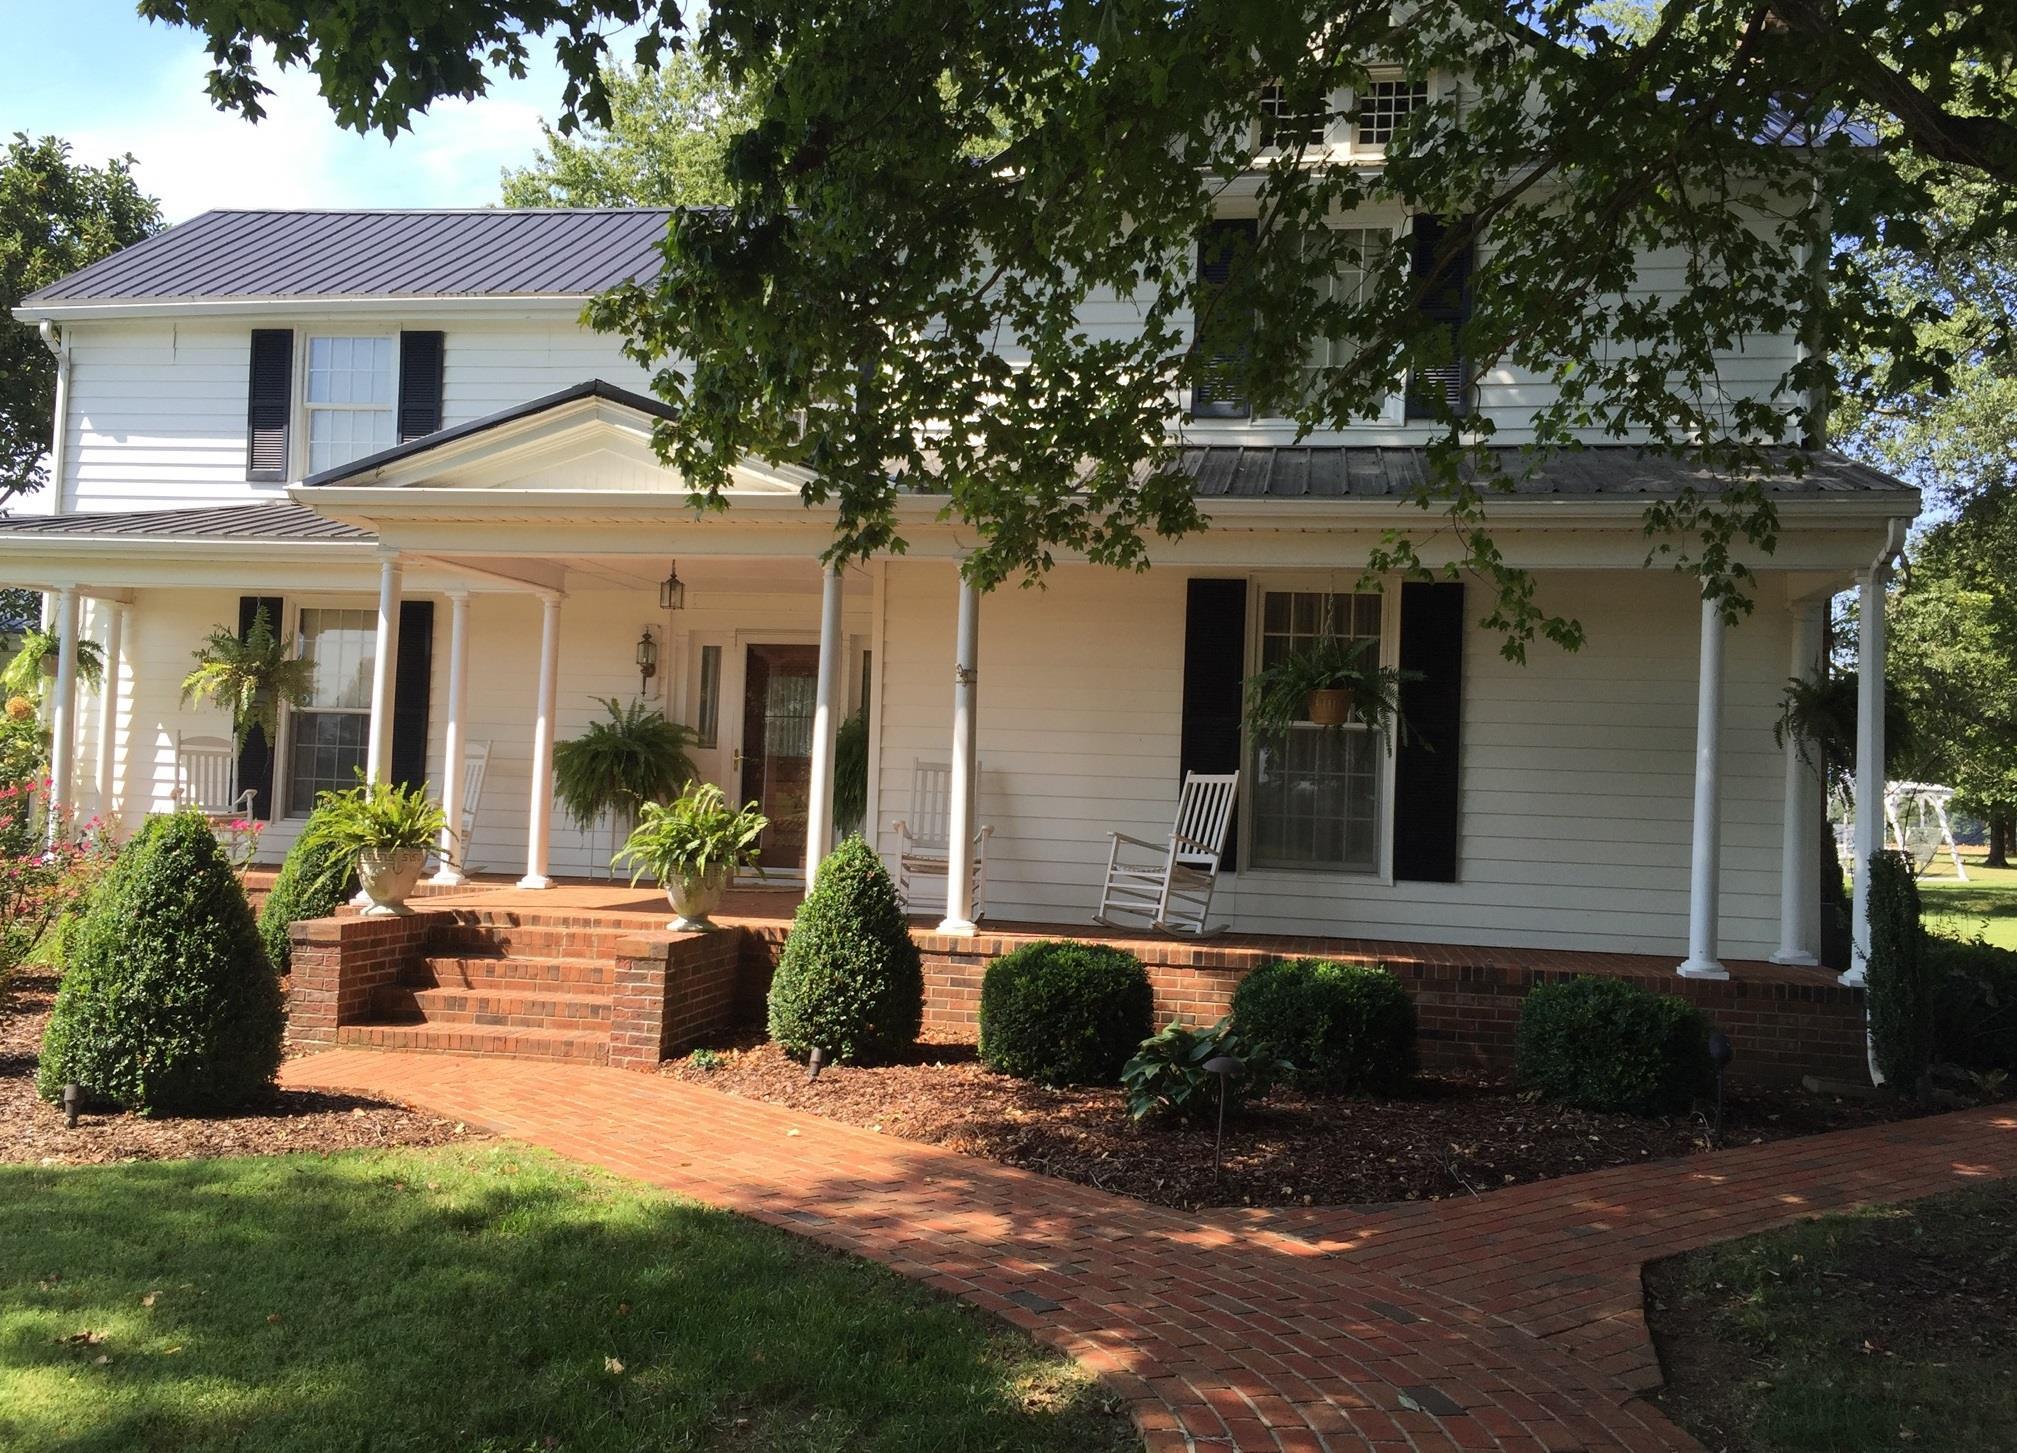 4985 Old Allensville Rd, Elkton, KY 42220